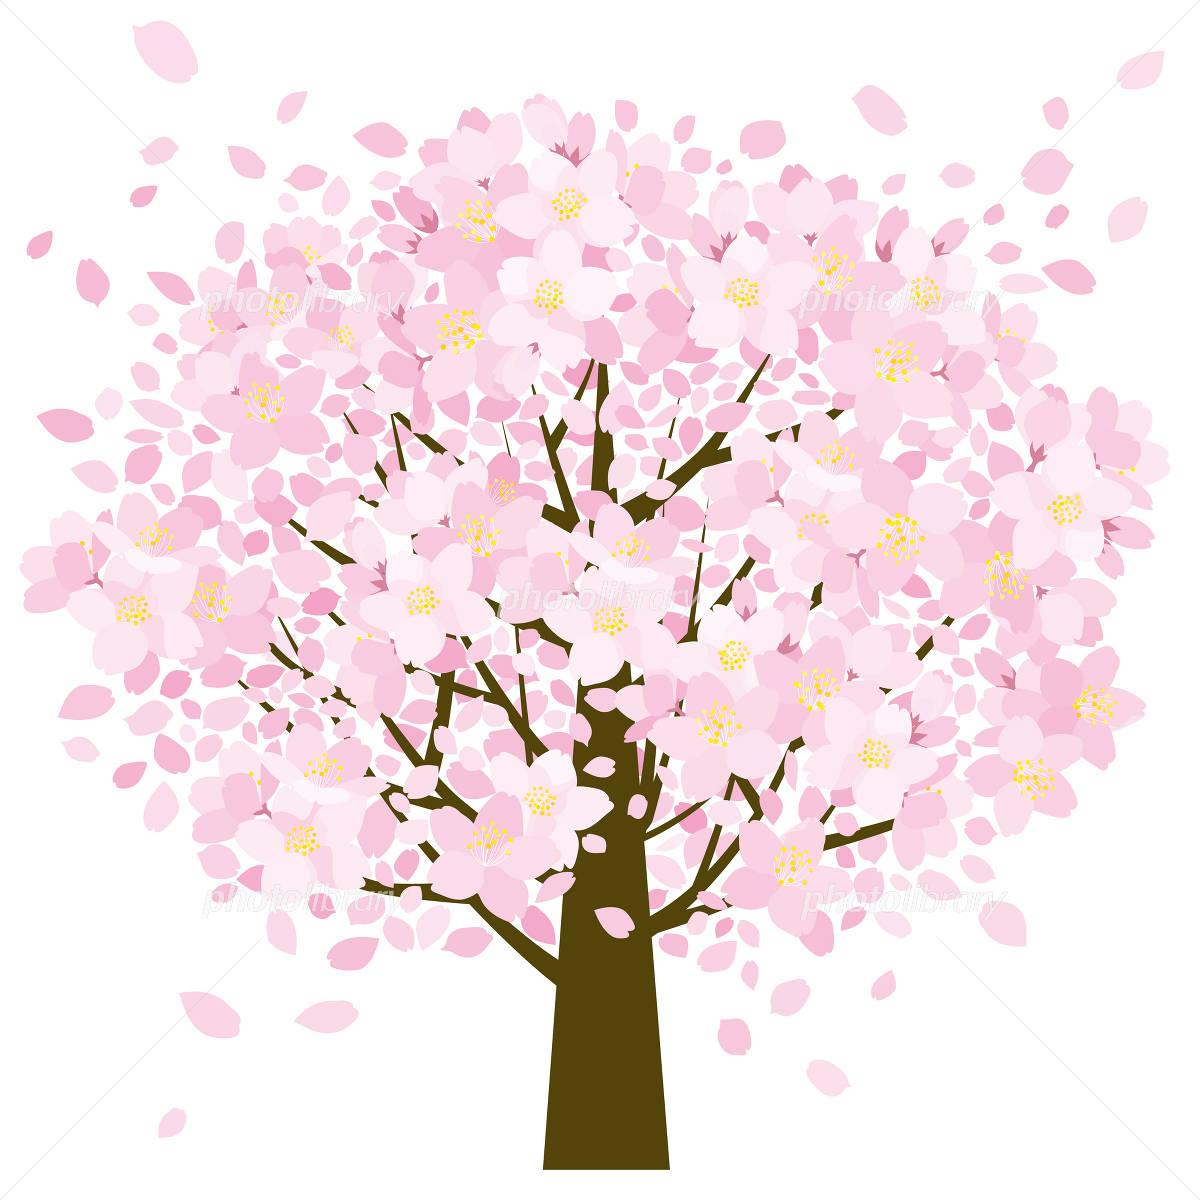 桜の樹 イラスト素材 1831935 フォトライブラリー Photolibrary